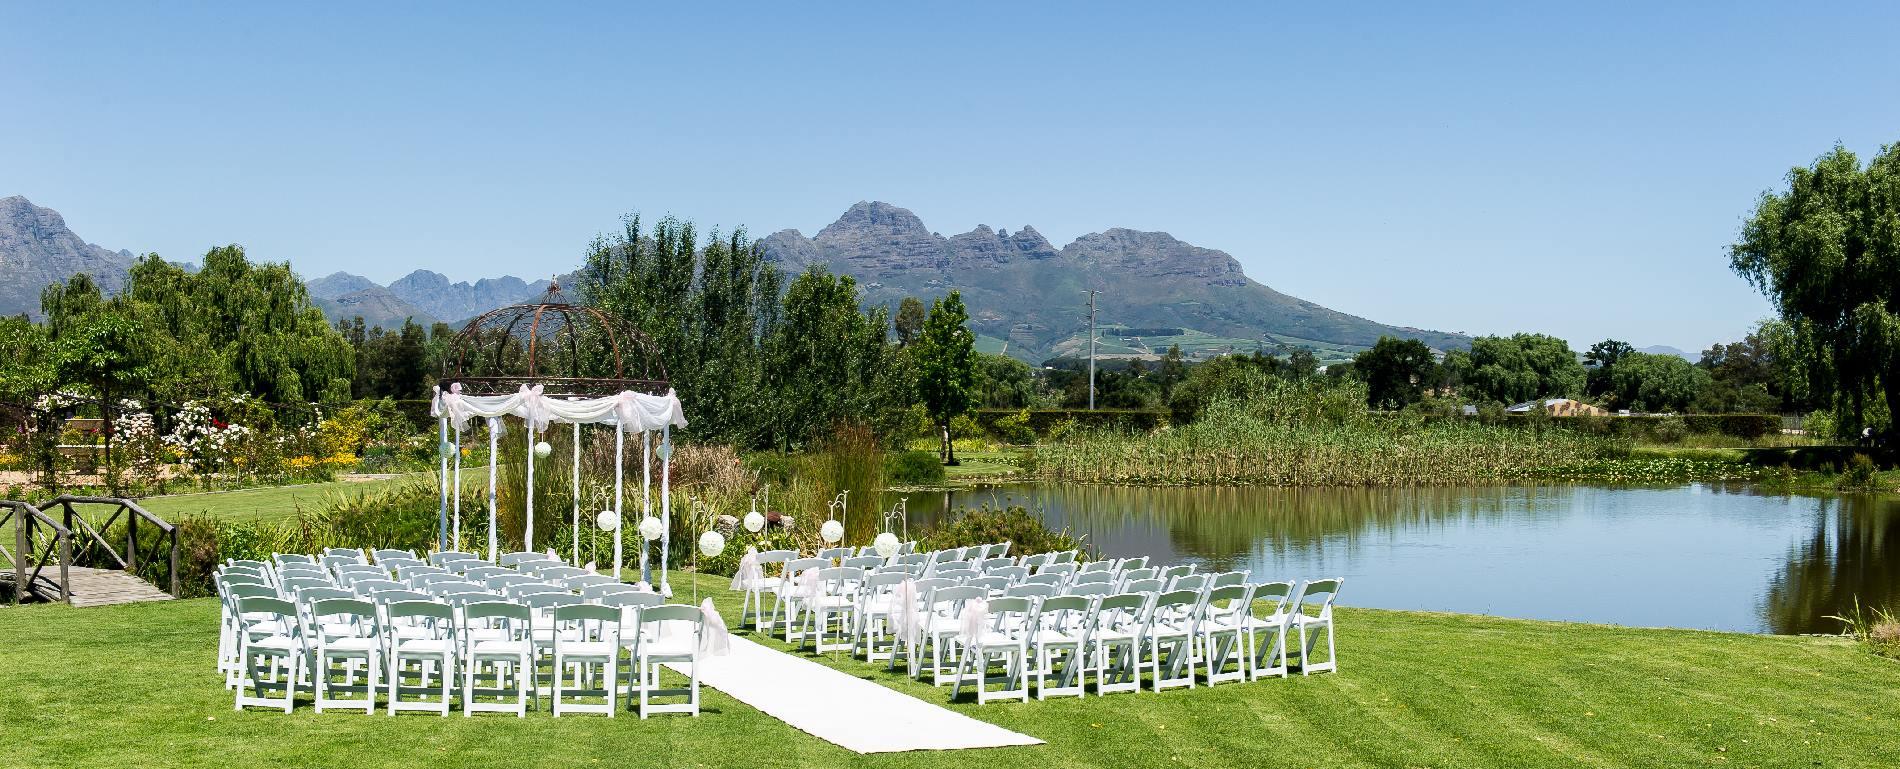 Hudsons Garden Wedding Ceremonies Stellenbosch